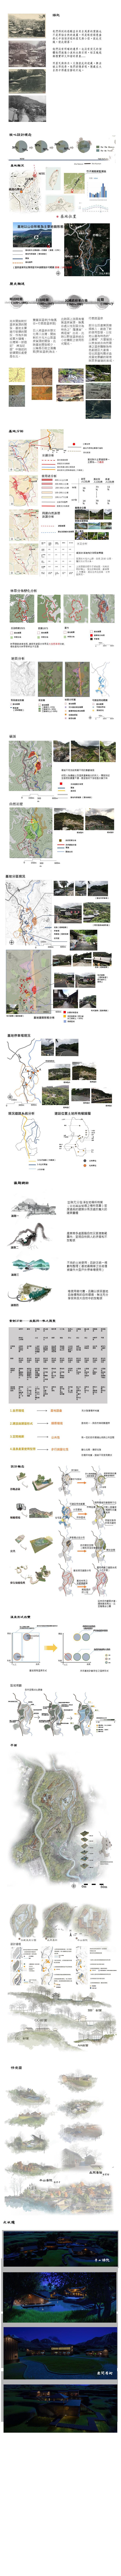 中原_17内文.jpg